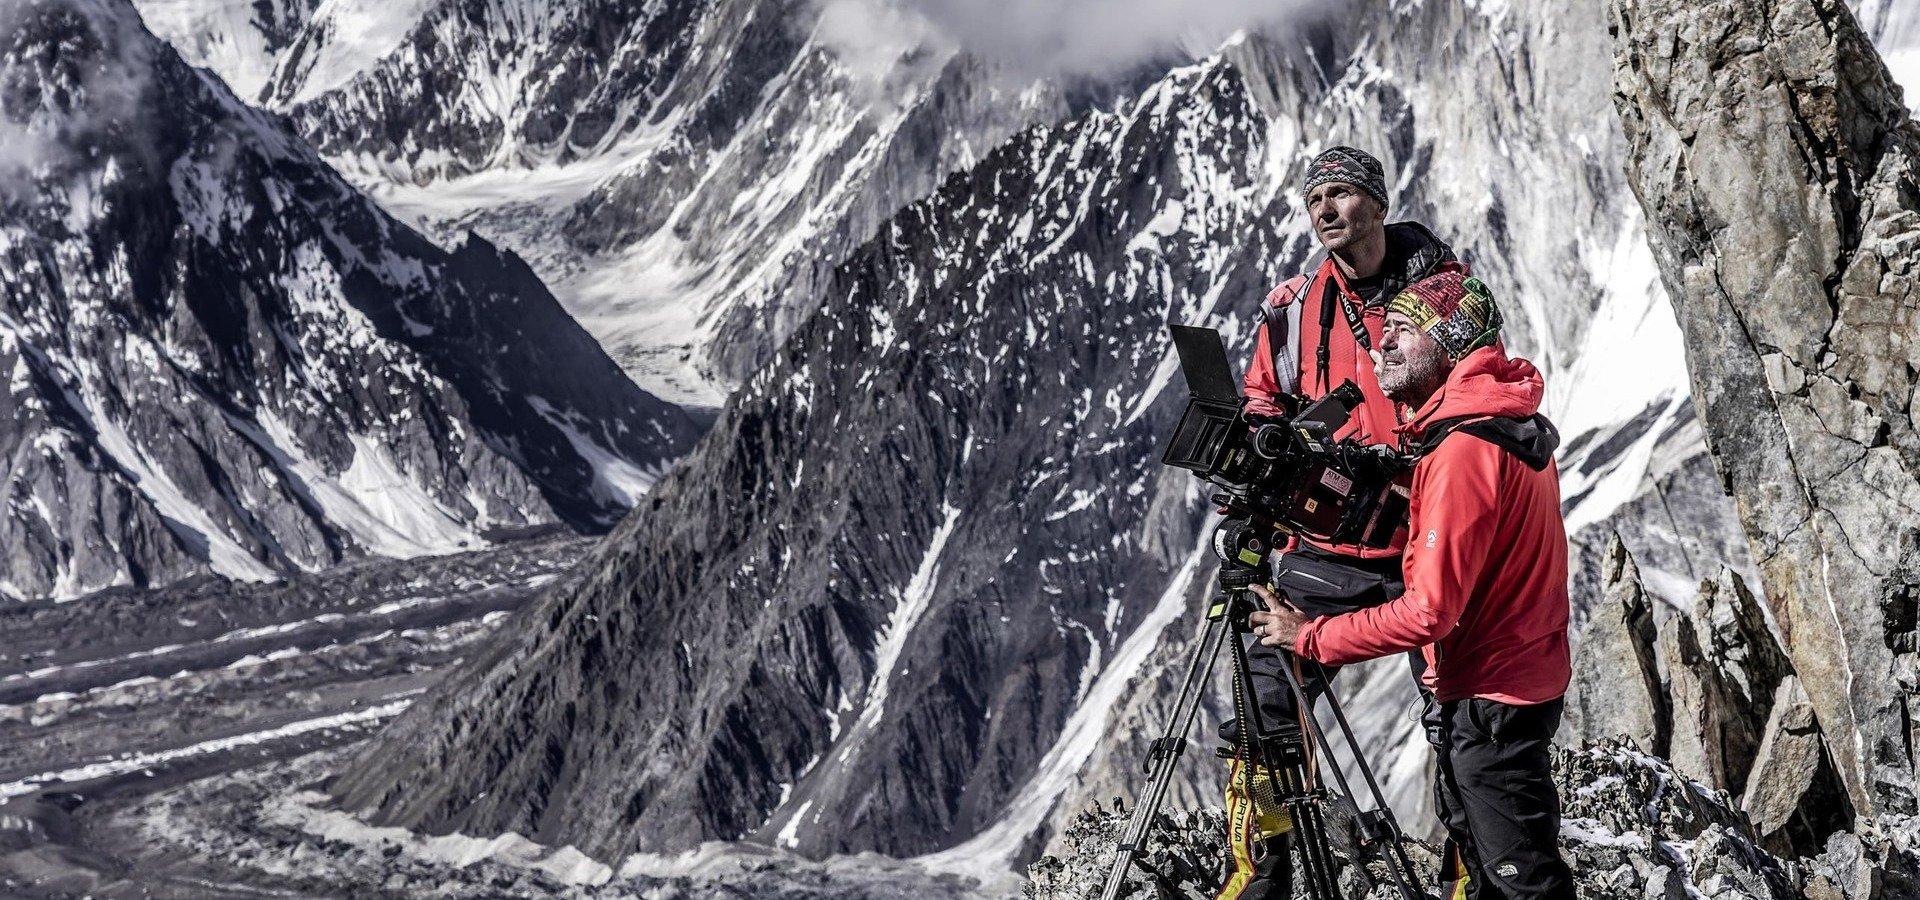 Plan filmowy na zboczach ośmiotysięcznika w Karakorum – trwają zdjęcia do wyjątkowej koprodukcji CANAL+